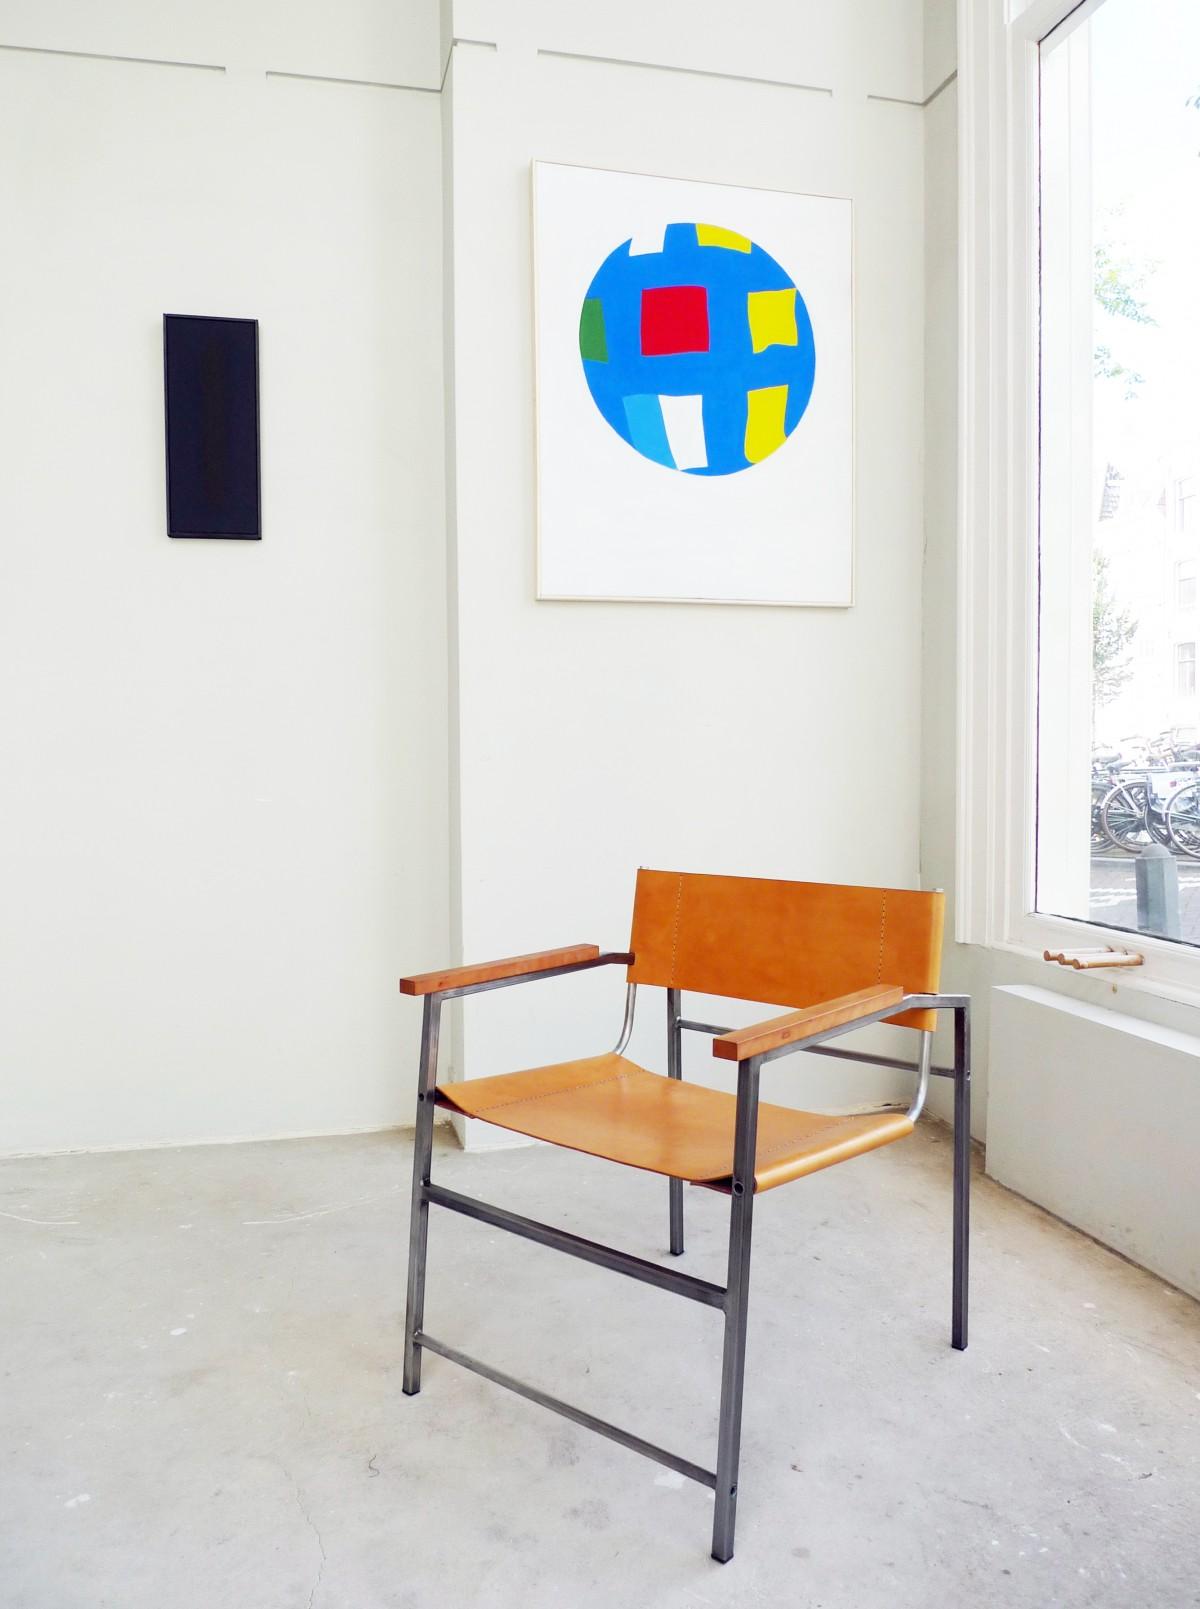 Elio Chair, Pieter de Bruyn Kops